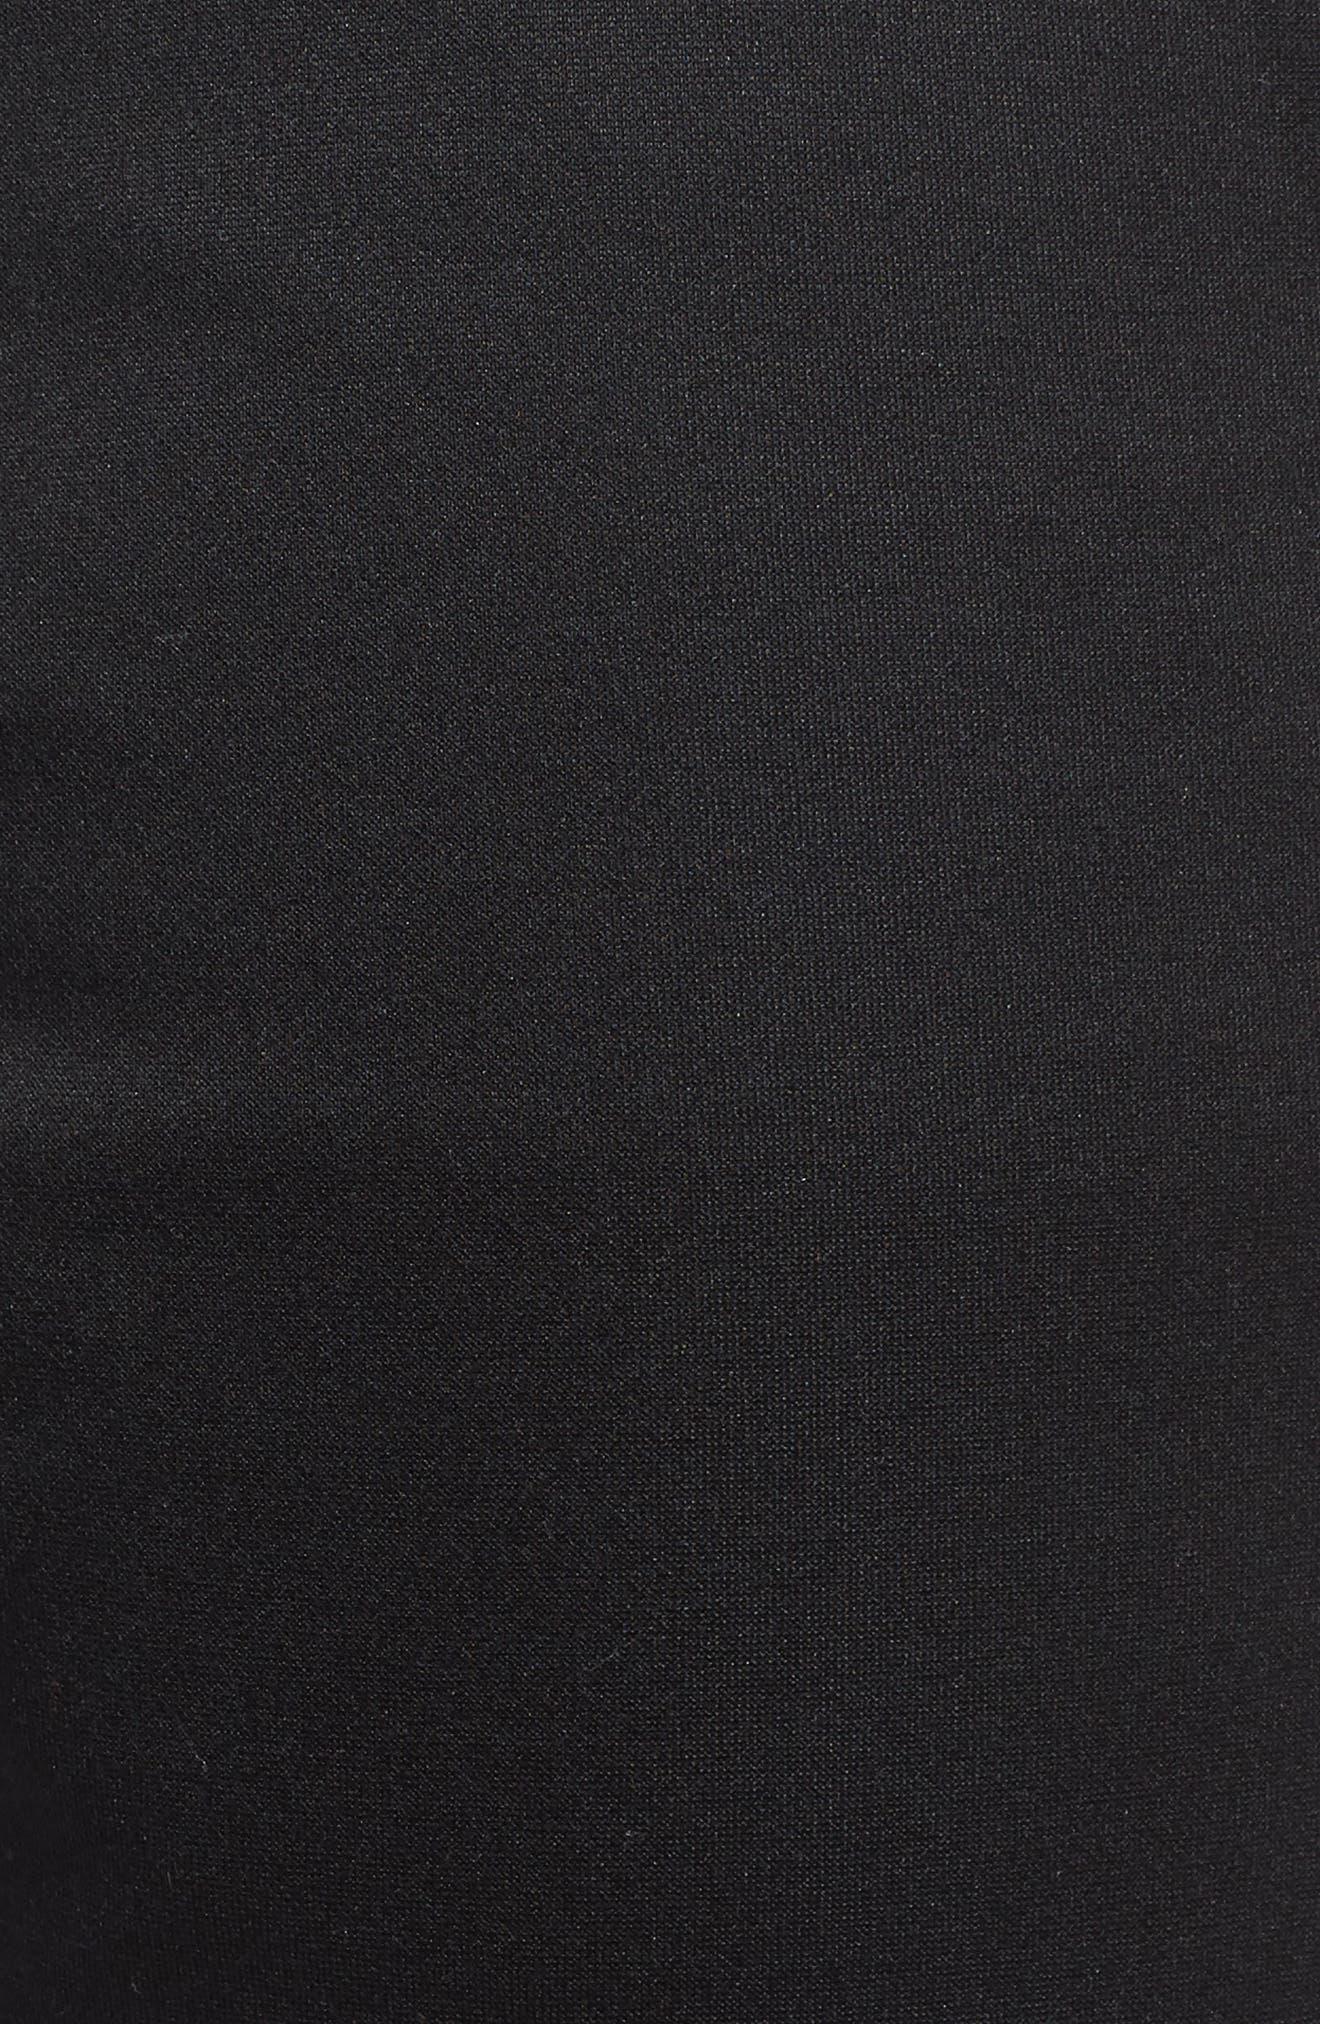 NSW Tribute Jogger Pants,                             Alternate thumbnail 5, color,                             Black/ White/ White